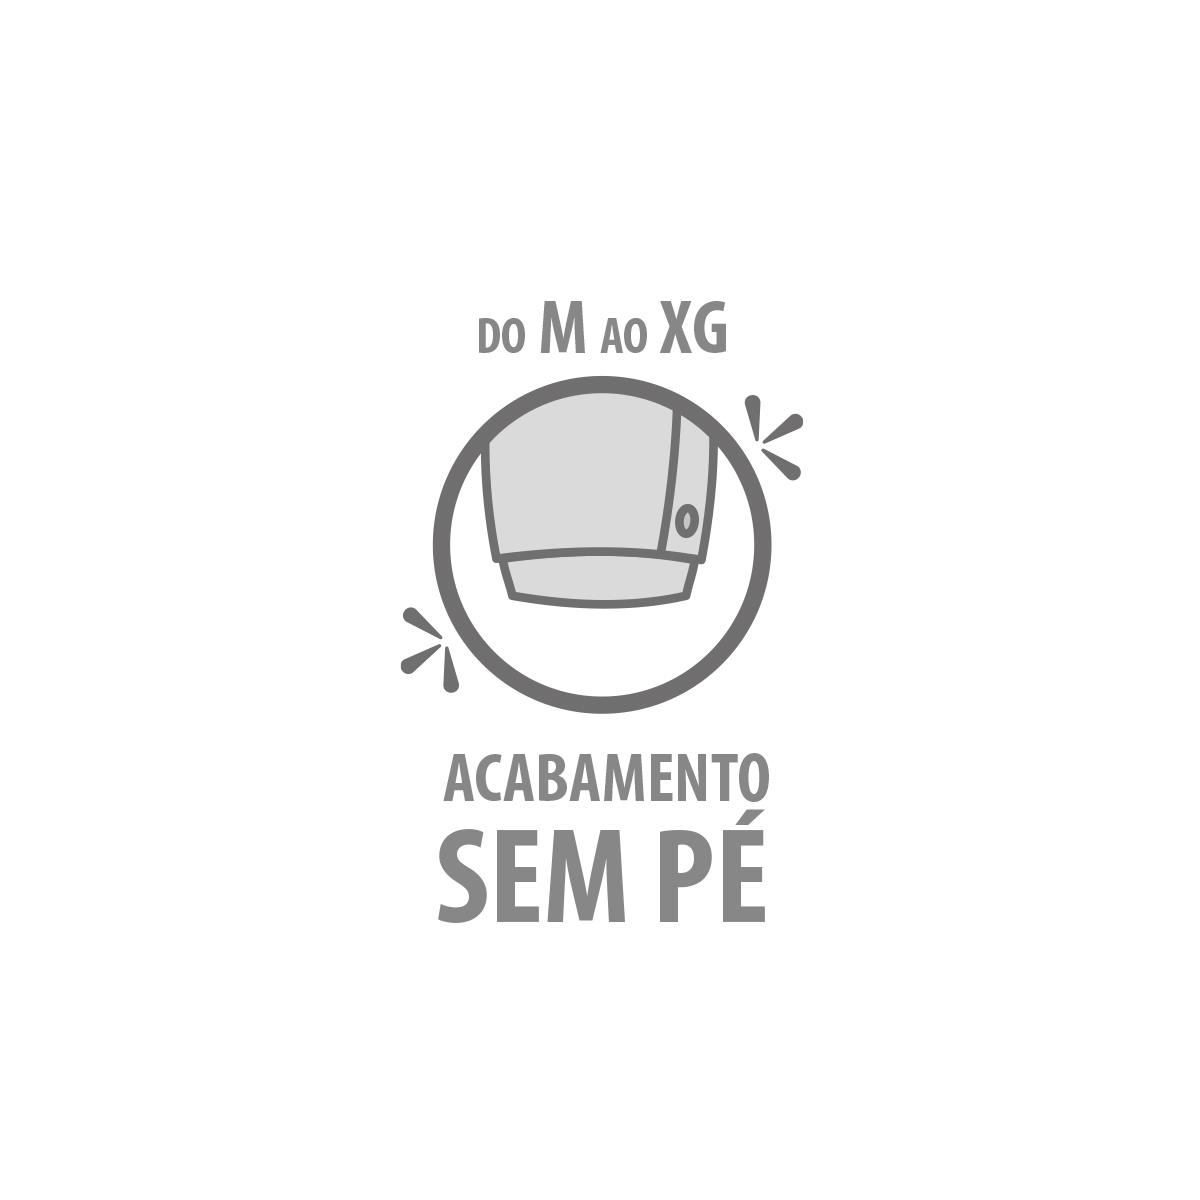 Macacão Soft Dino - Tamanhos RN e P com pezinho; M, G e XG sem pezinho  - Piu Blu